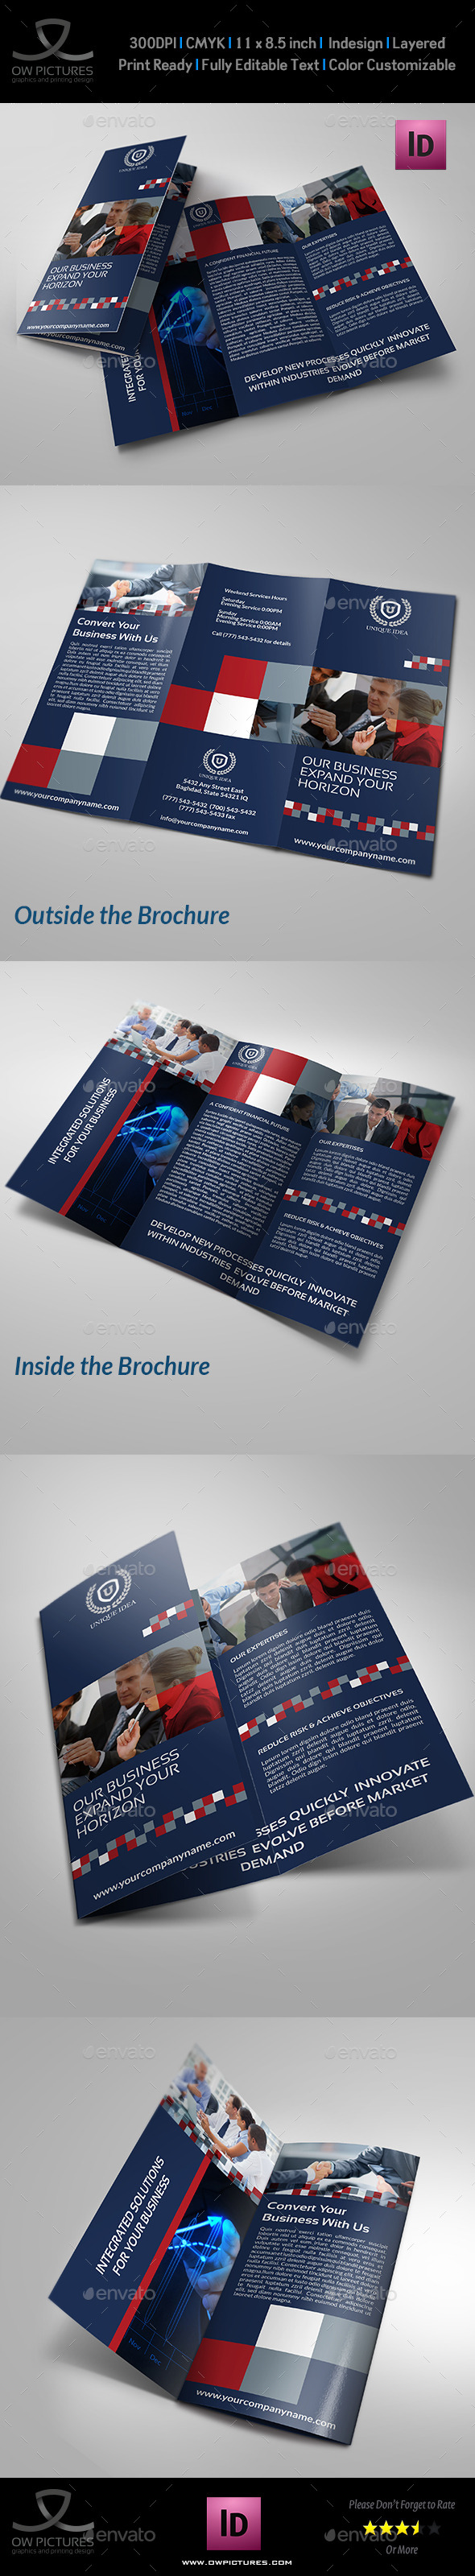 GraphicRiver Company Brochure Tri-Fold Brochure Vol.12 8818336